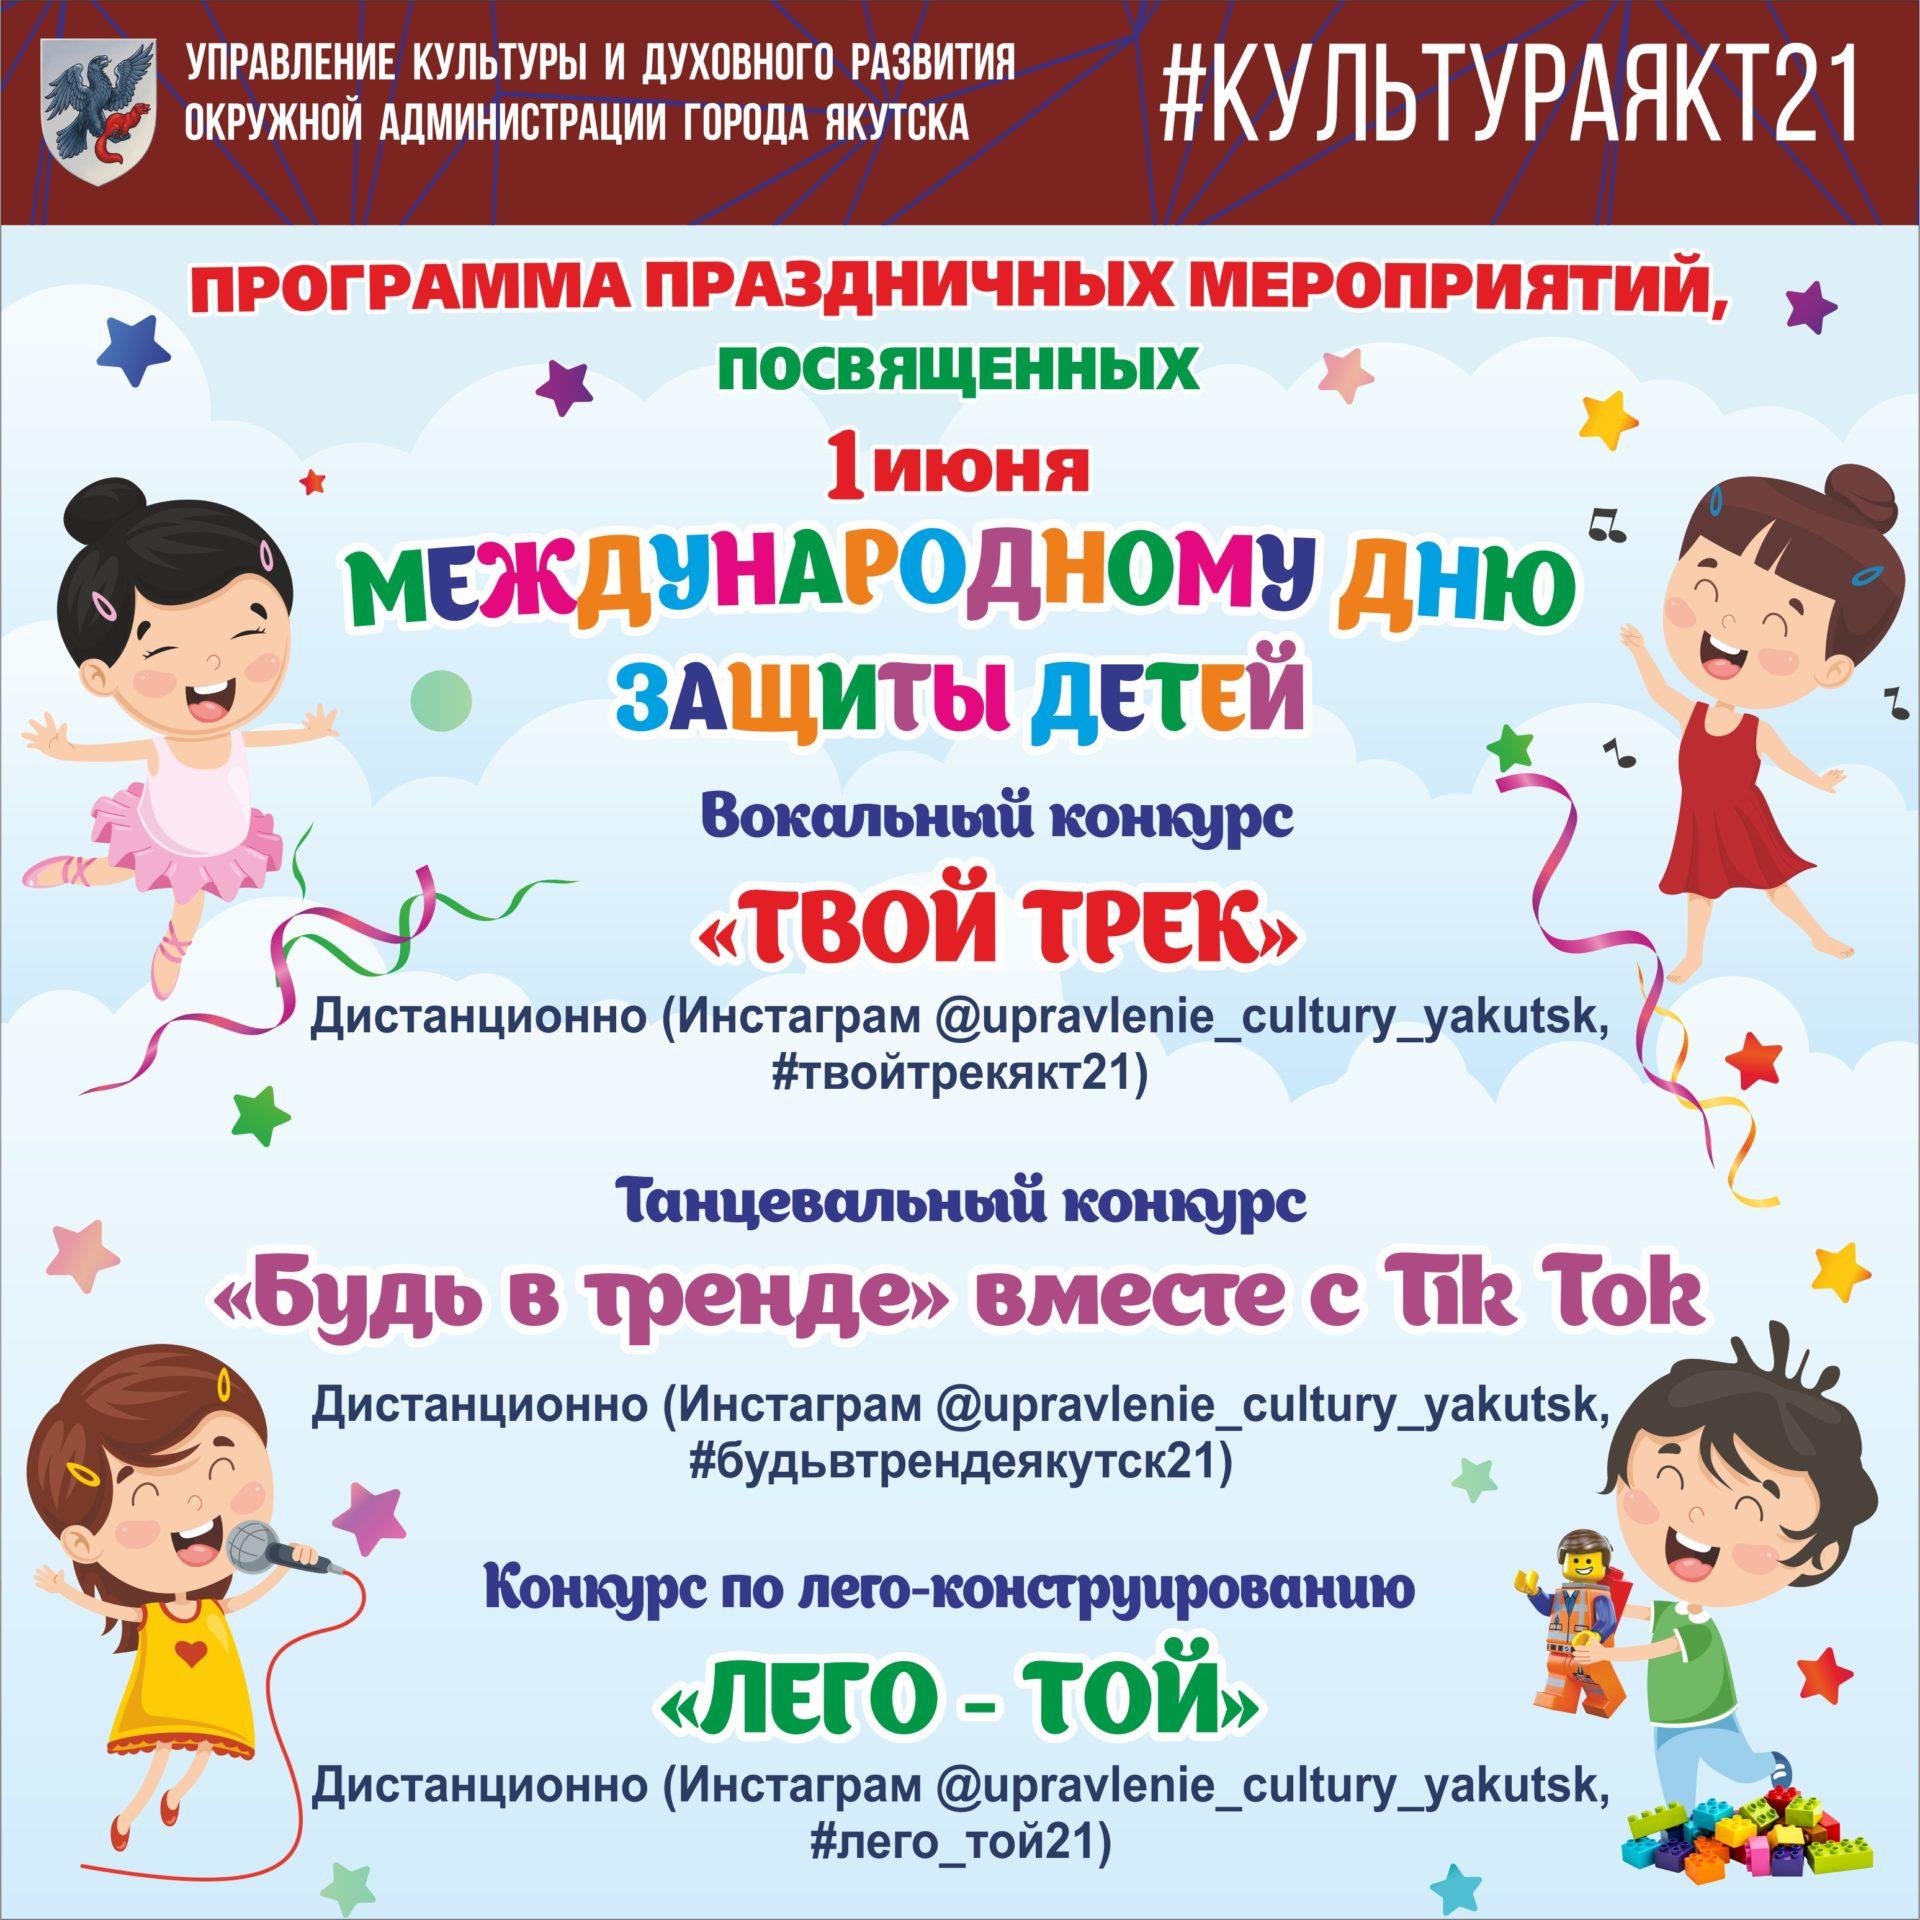 Конкурсы ко Дню защиты детей